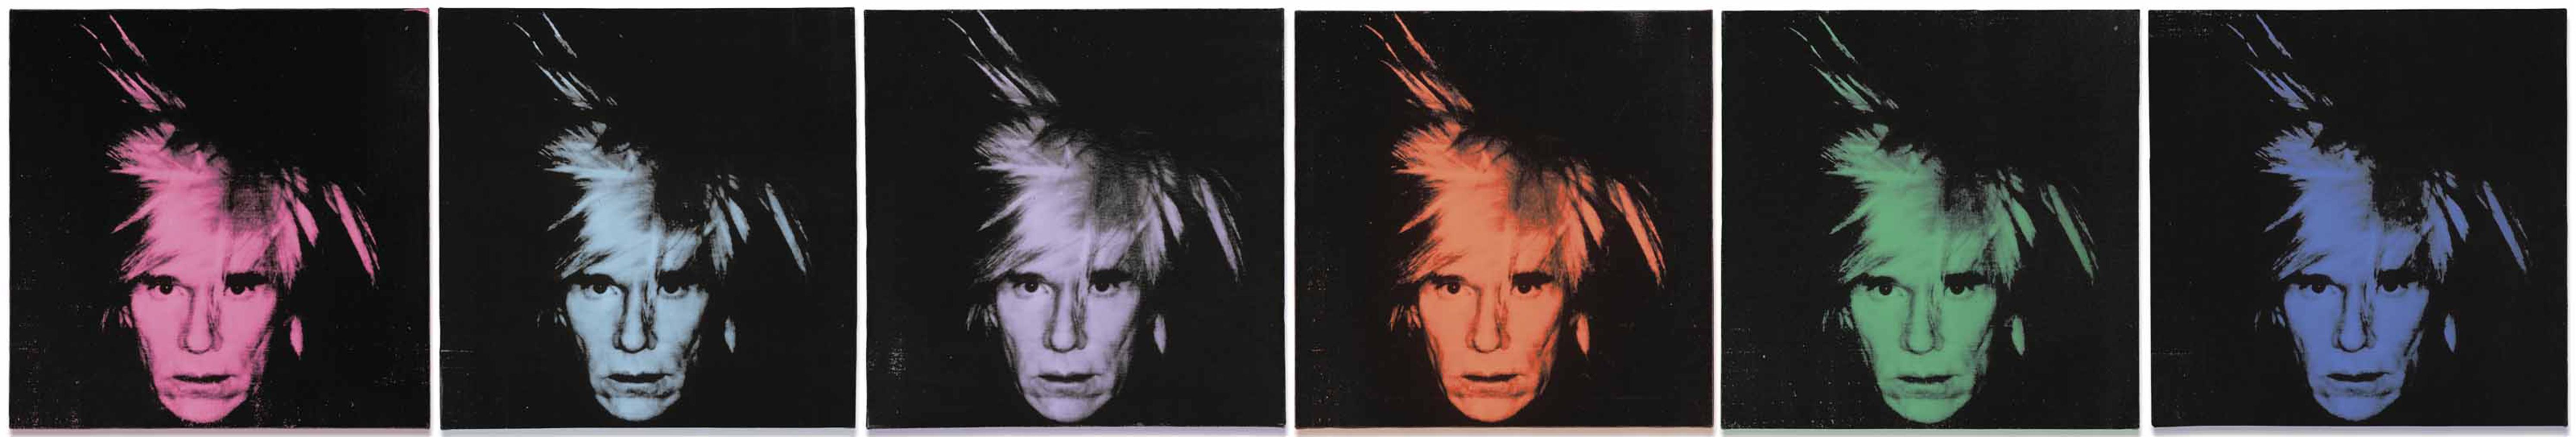 Andy Warhol-Six Self Portraits-1986